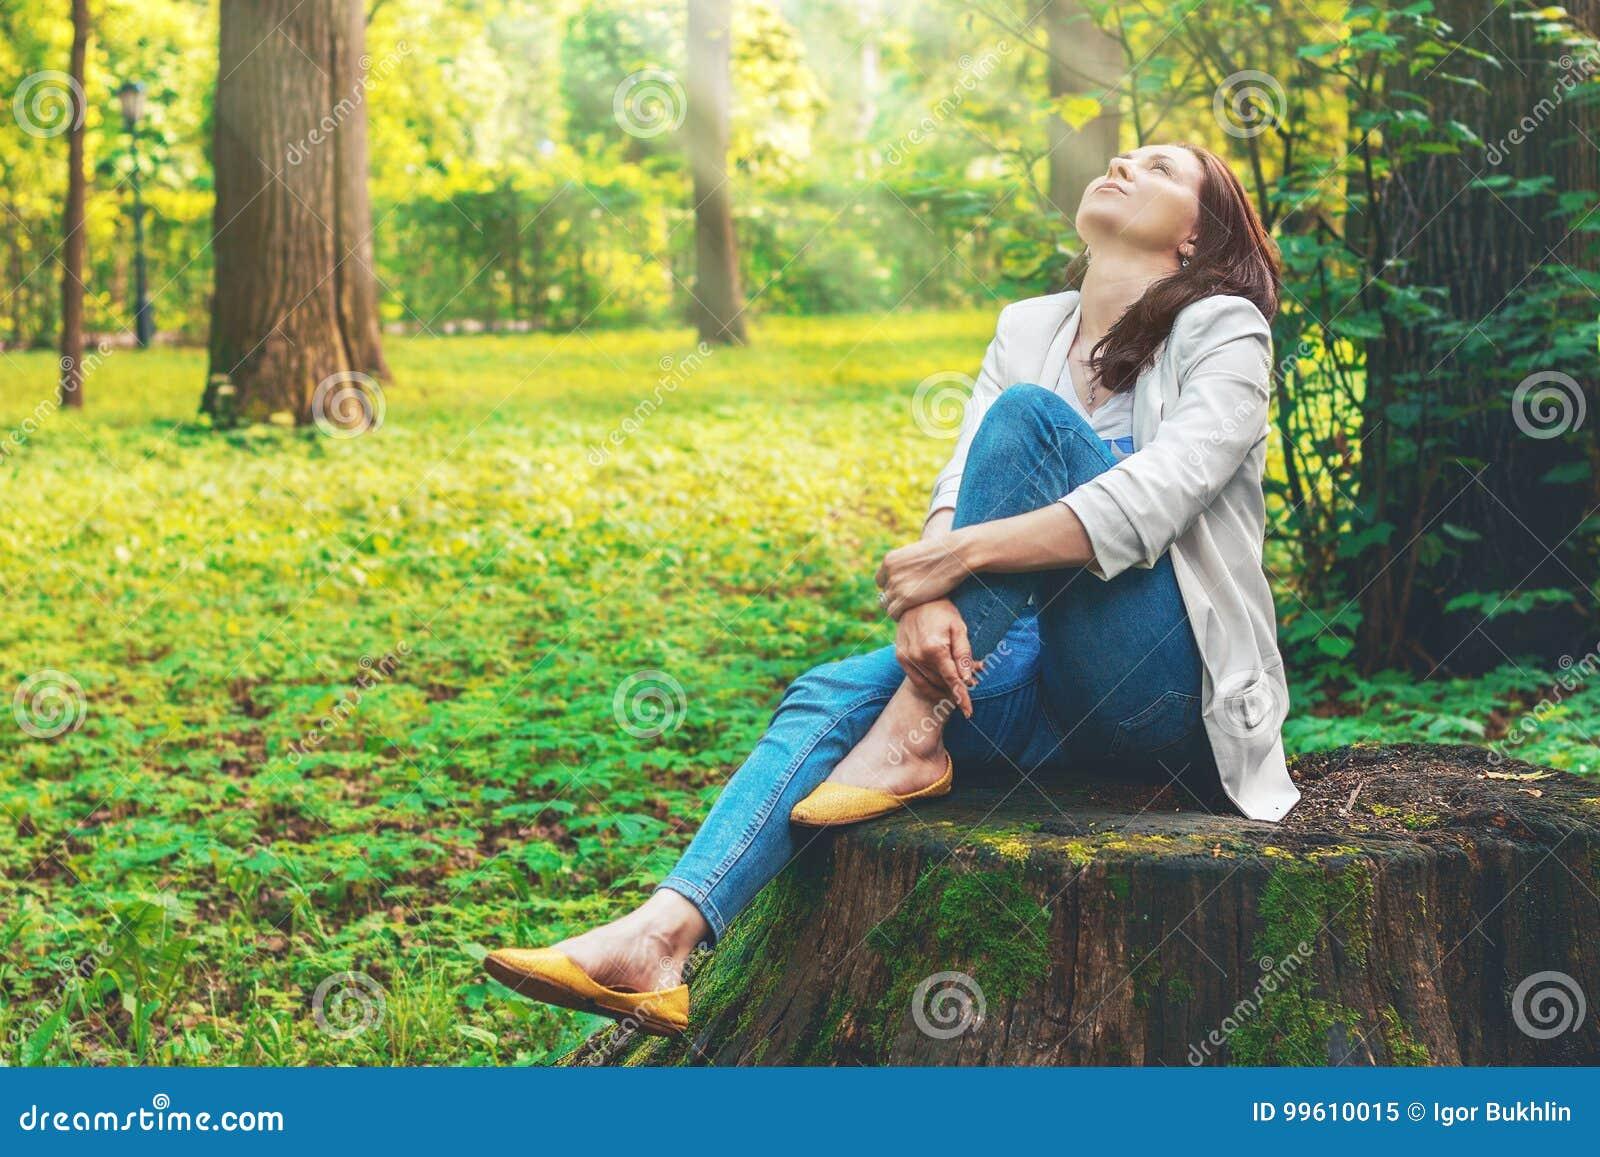 La femme mignonne est apprécier de la nature pittoresque Le camping, belle fille de repos se repose sur un grand vieux tronçon da